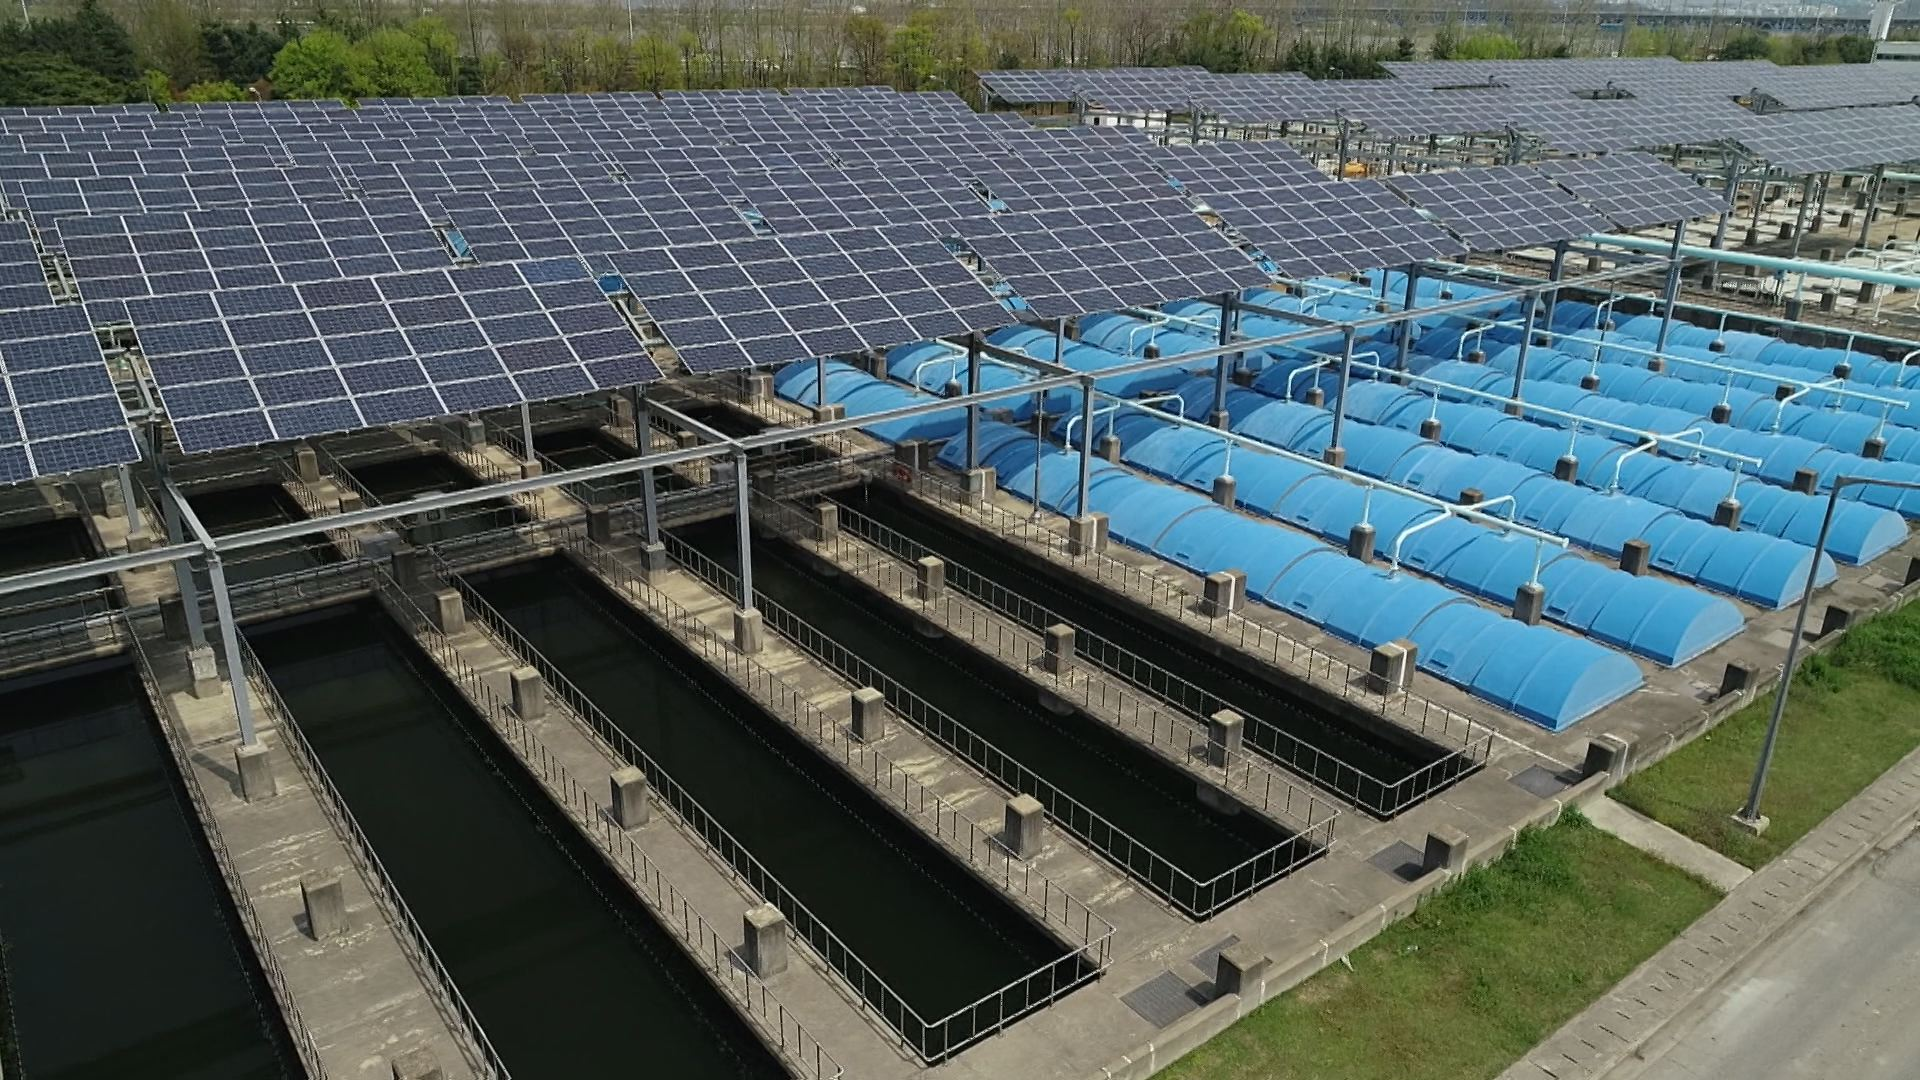 서울 물재생센터, '전기'도 만든다…6만 가구 1년 사용